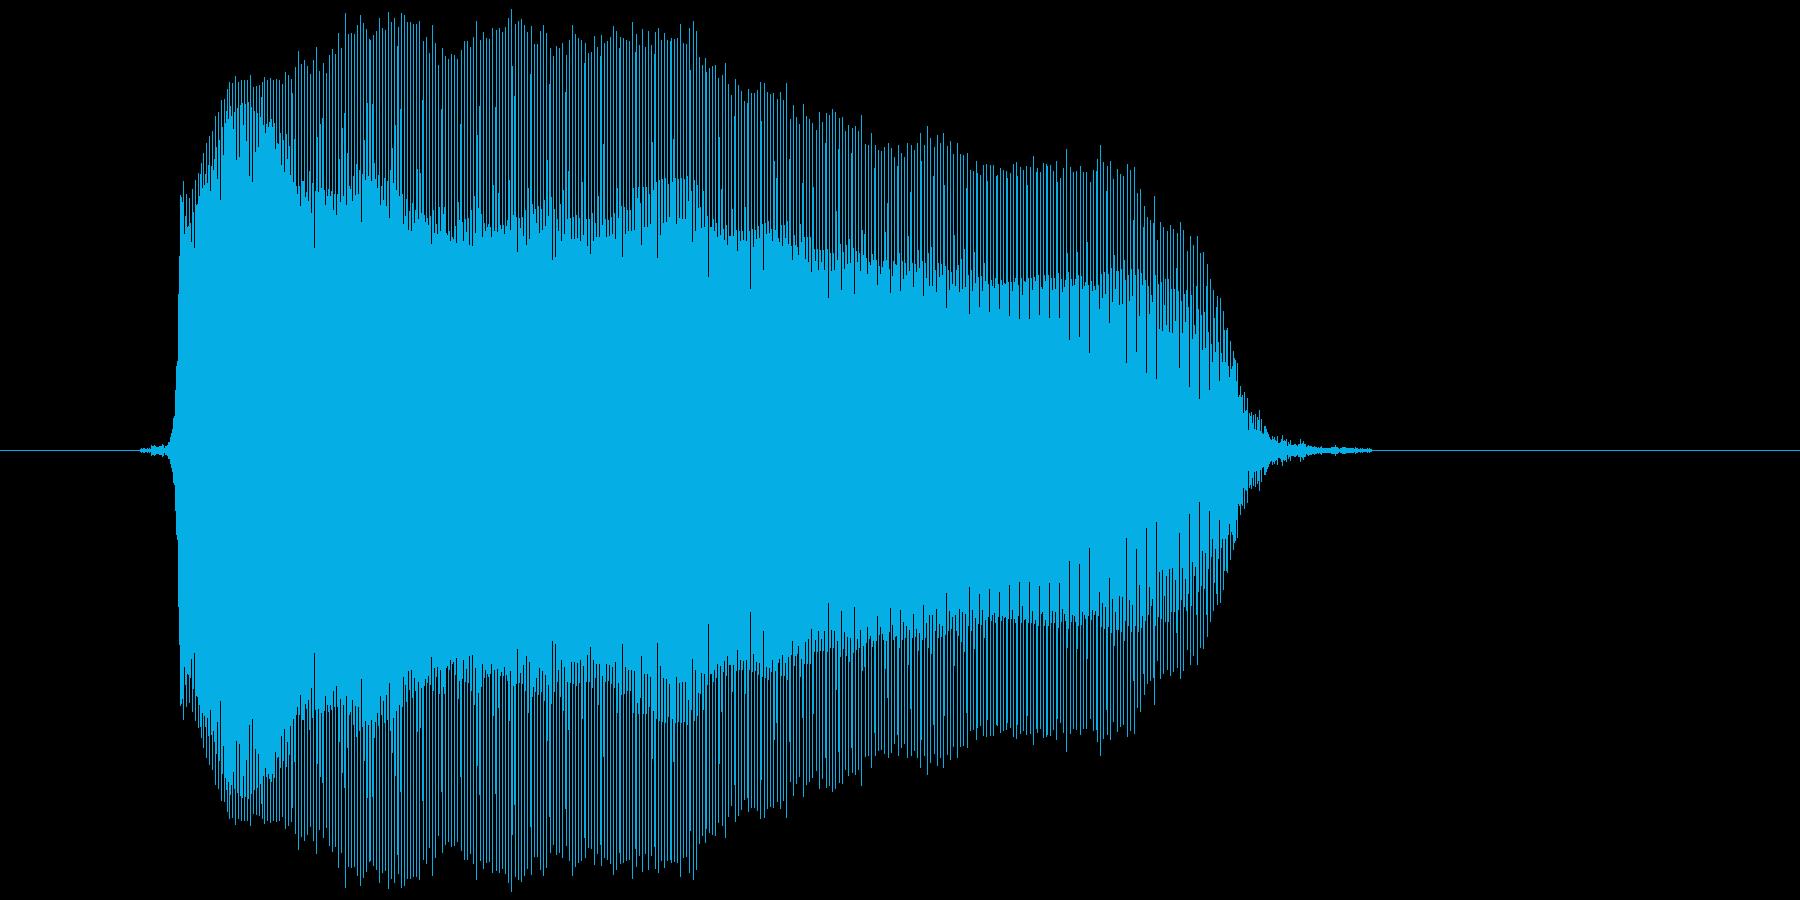 「ううー」の再生済みの波形